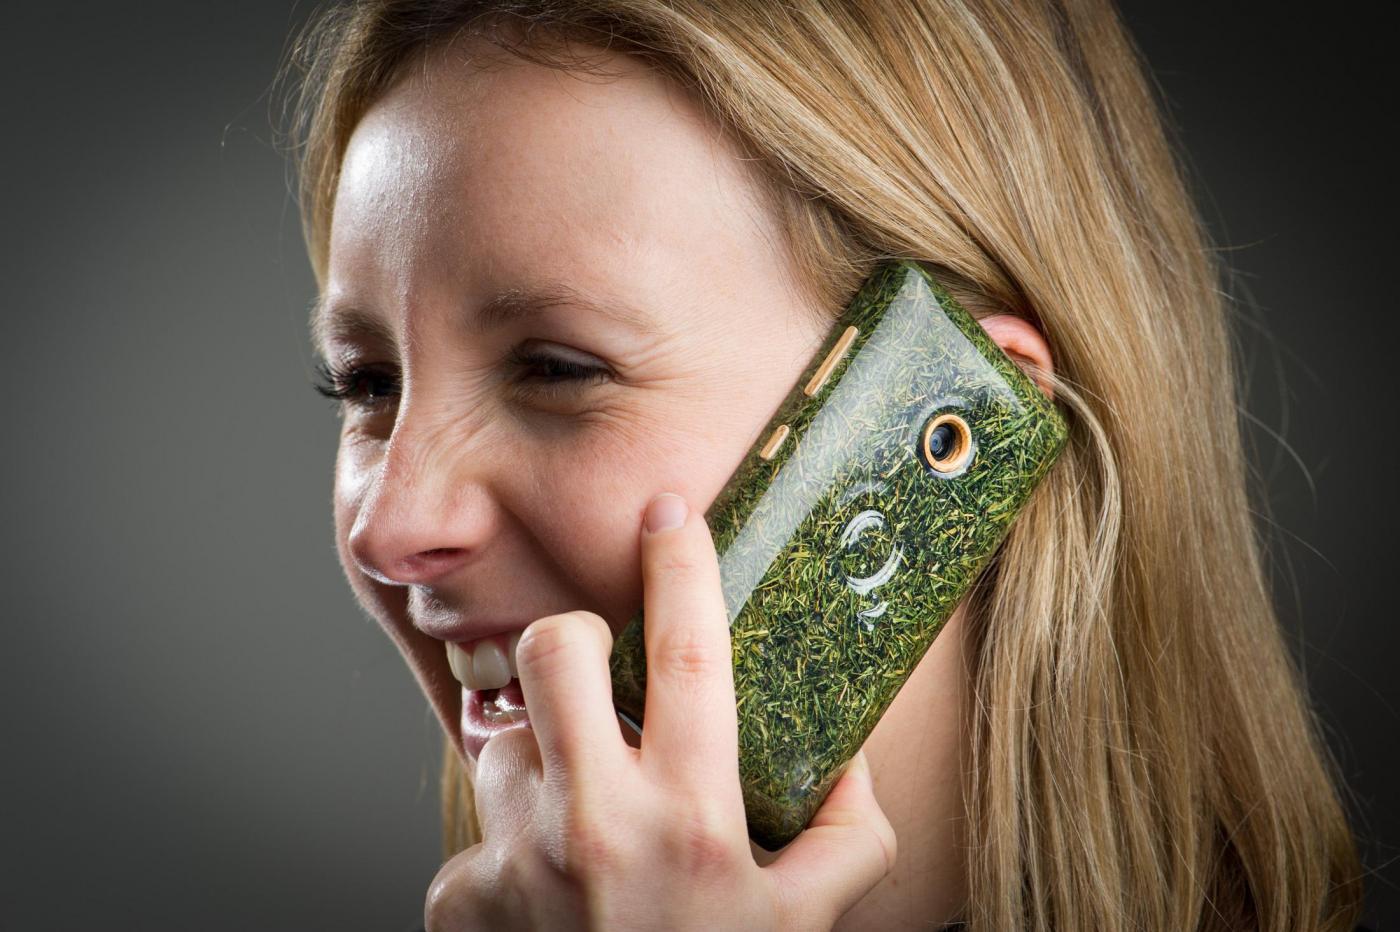 Quella che parla al telefono